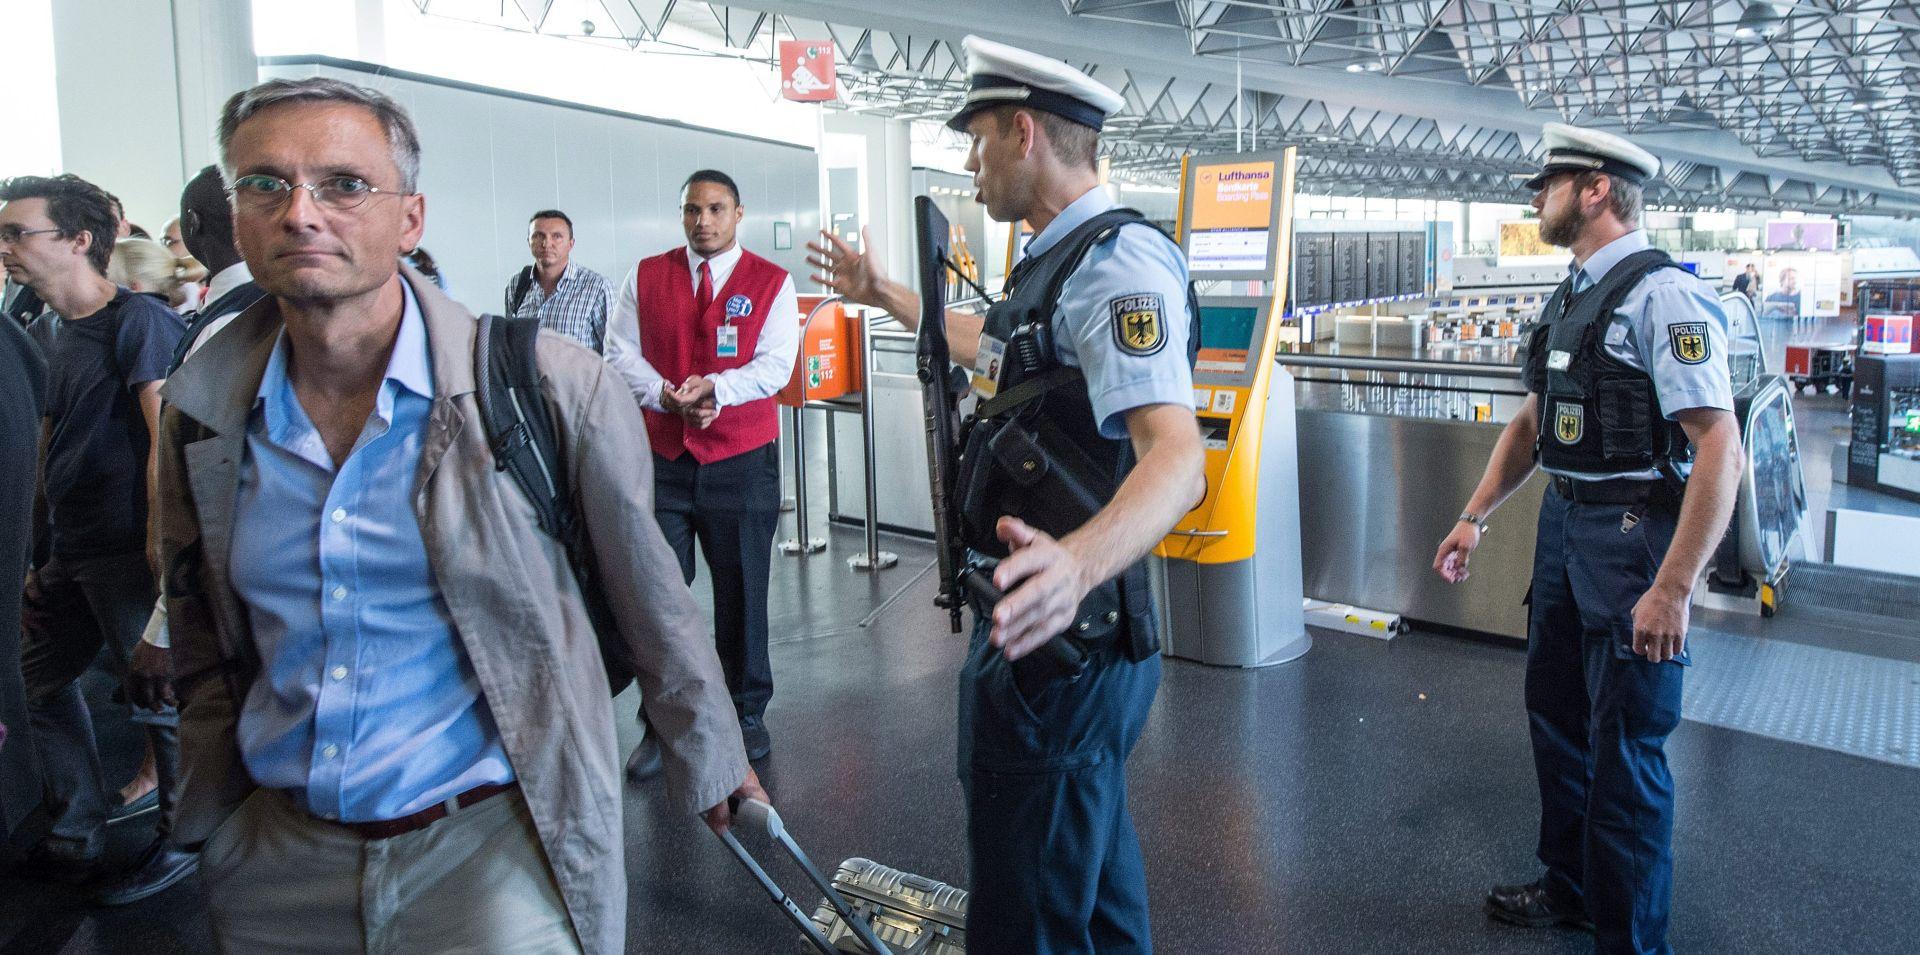 Frankfurt: Uzrok sigurnosne uzbune u zračnoj luci je nesporazum